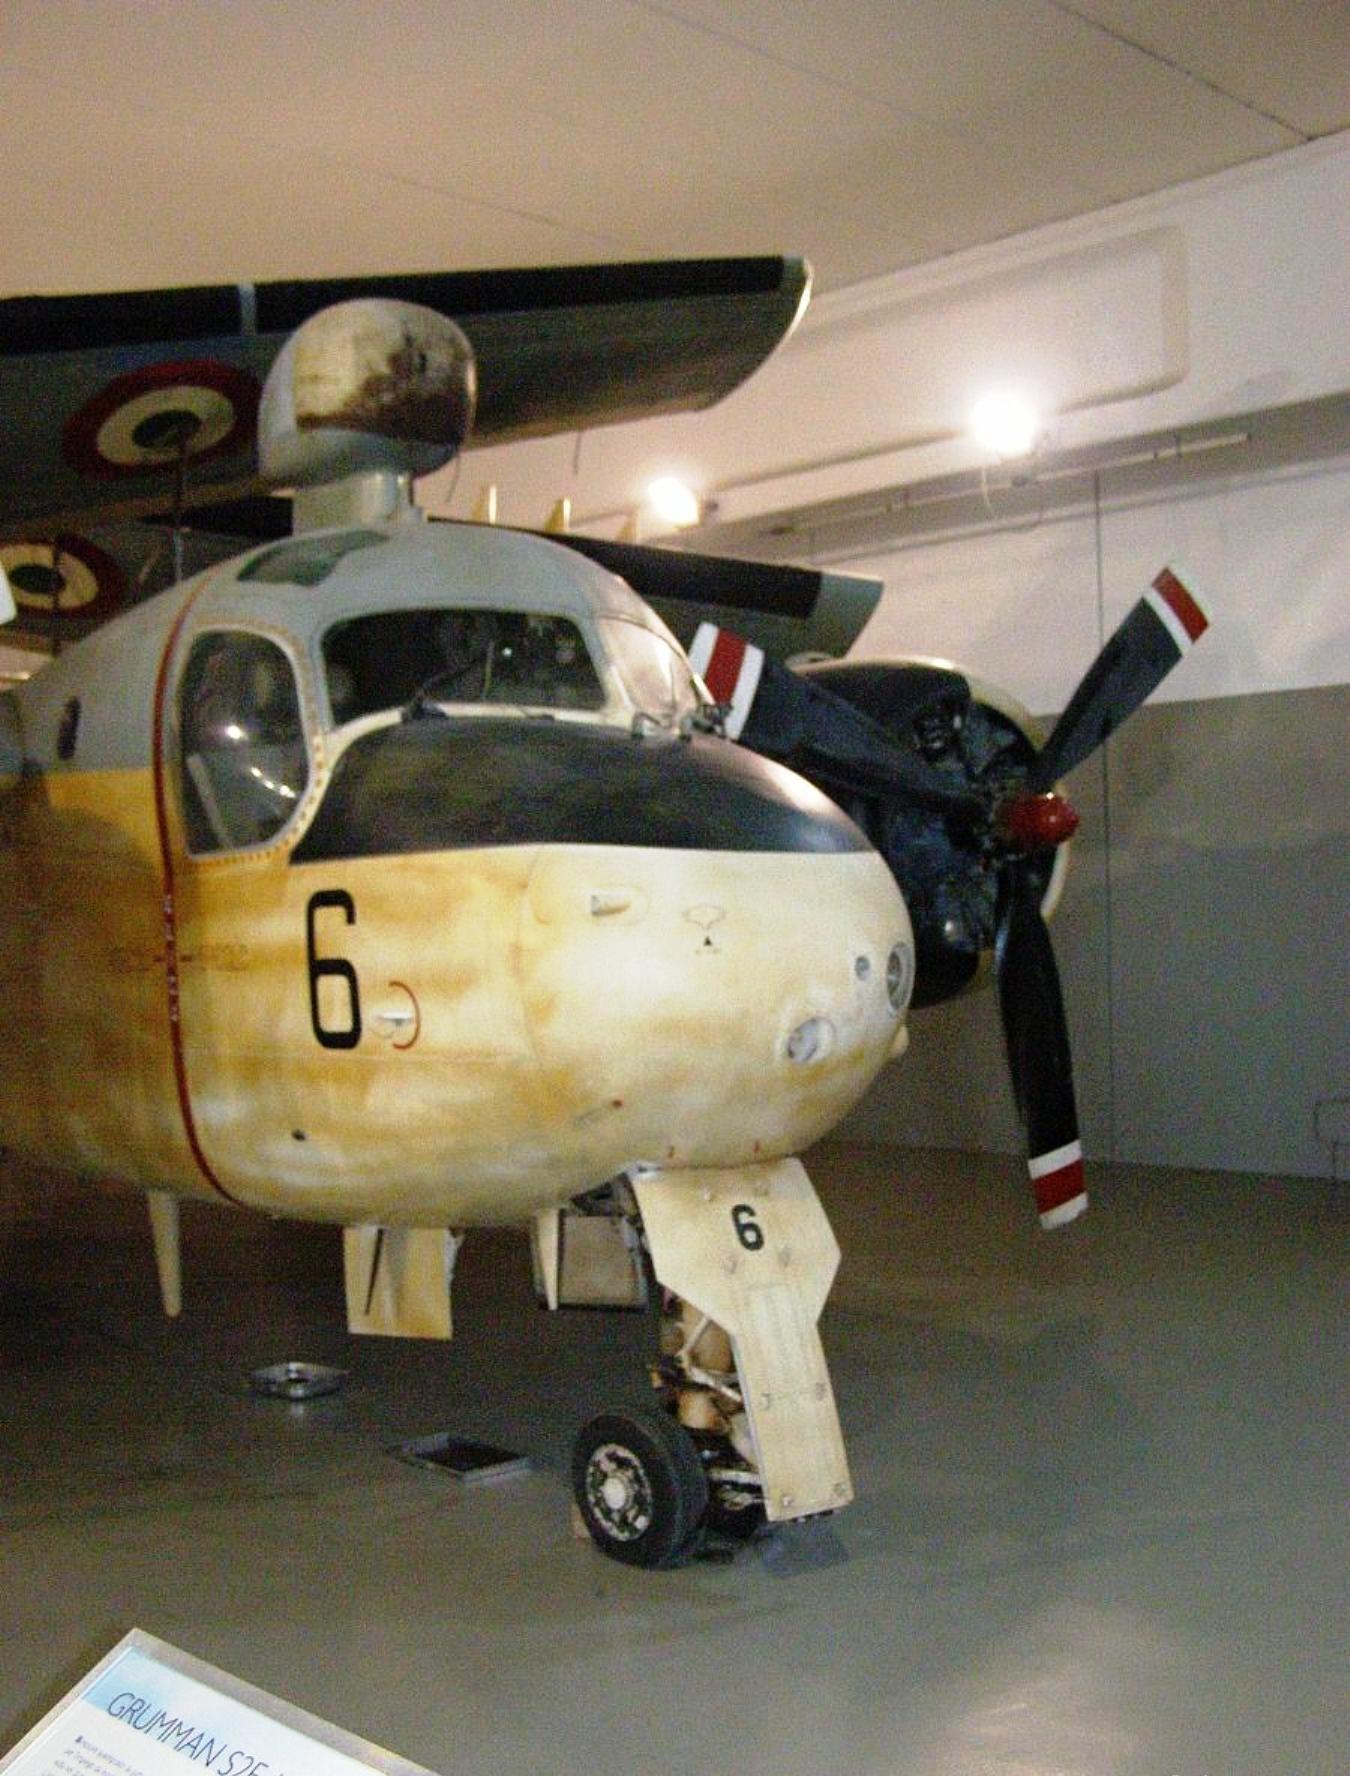 Grumman S2F-1 Tracker